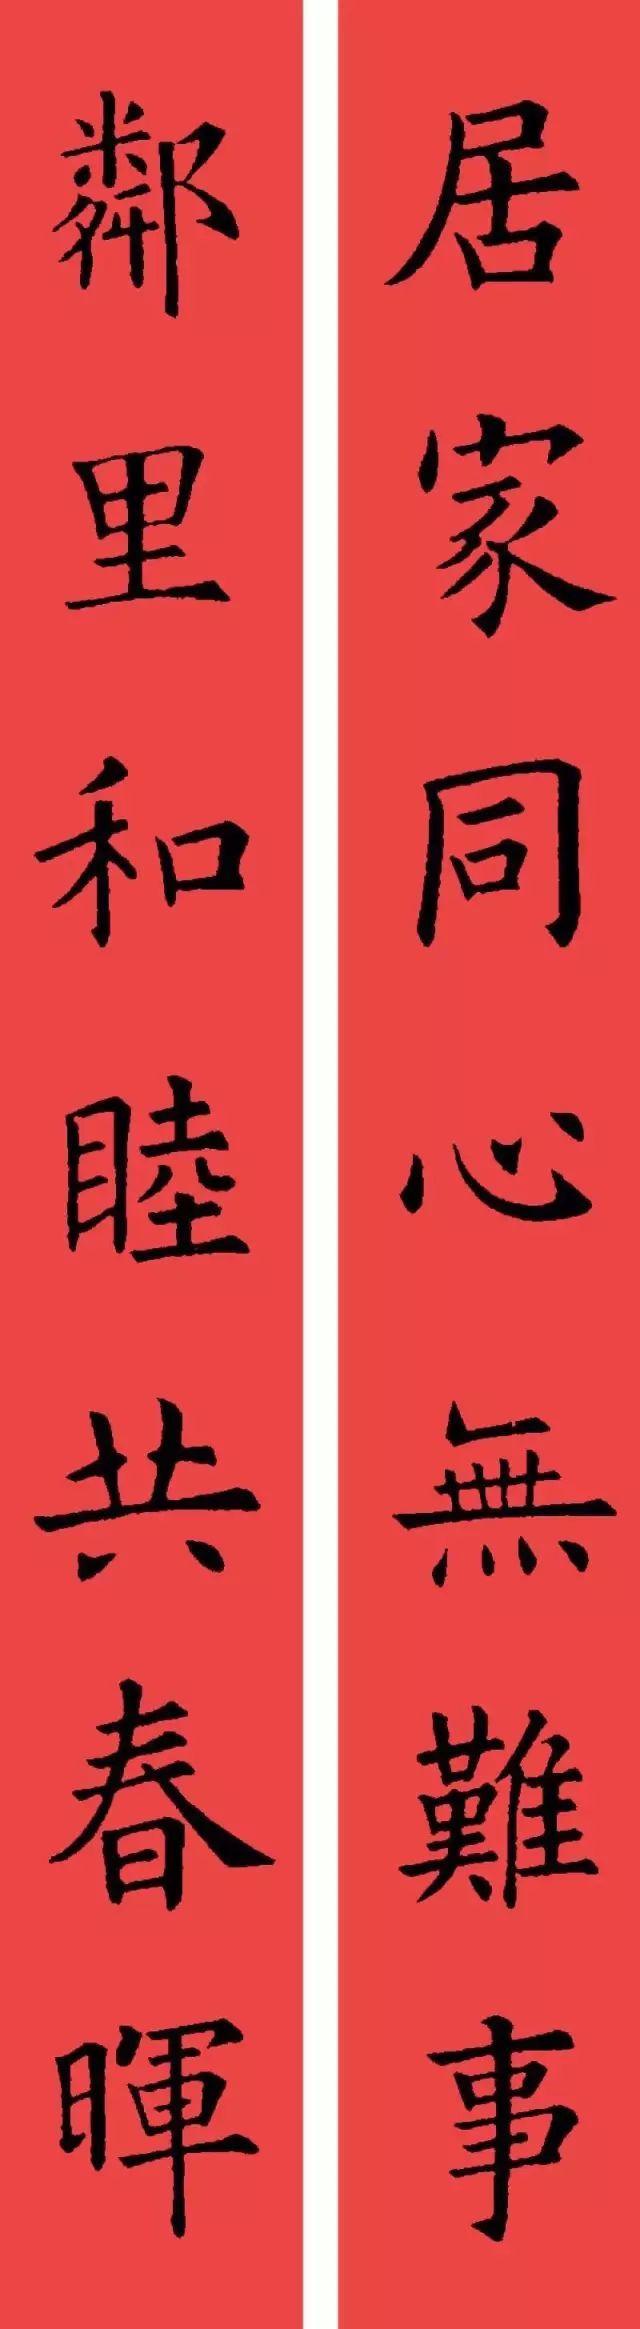 欧阳询楷书集字书法春联